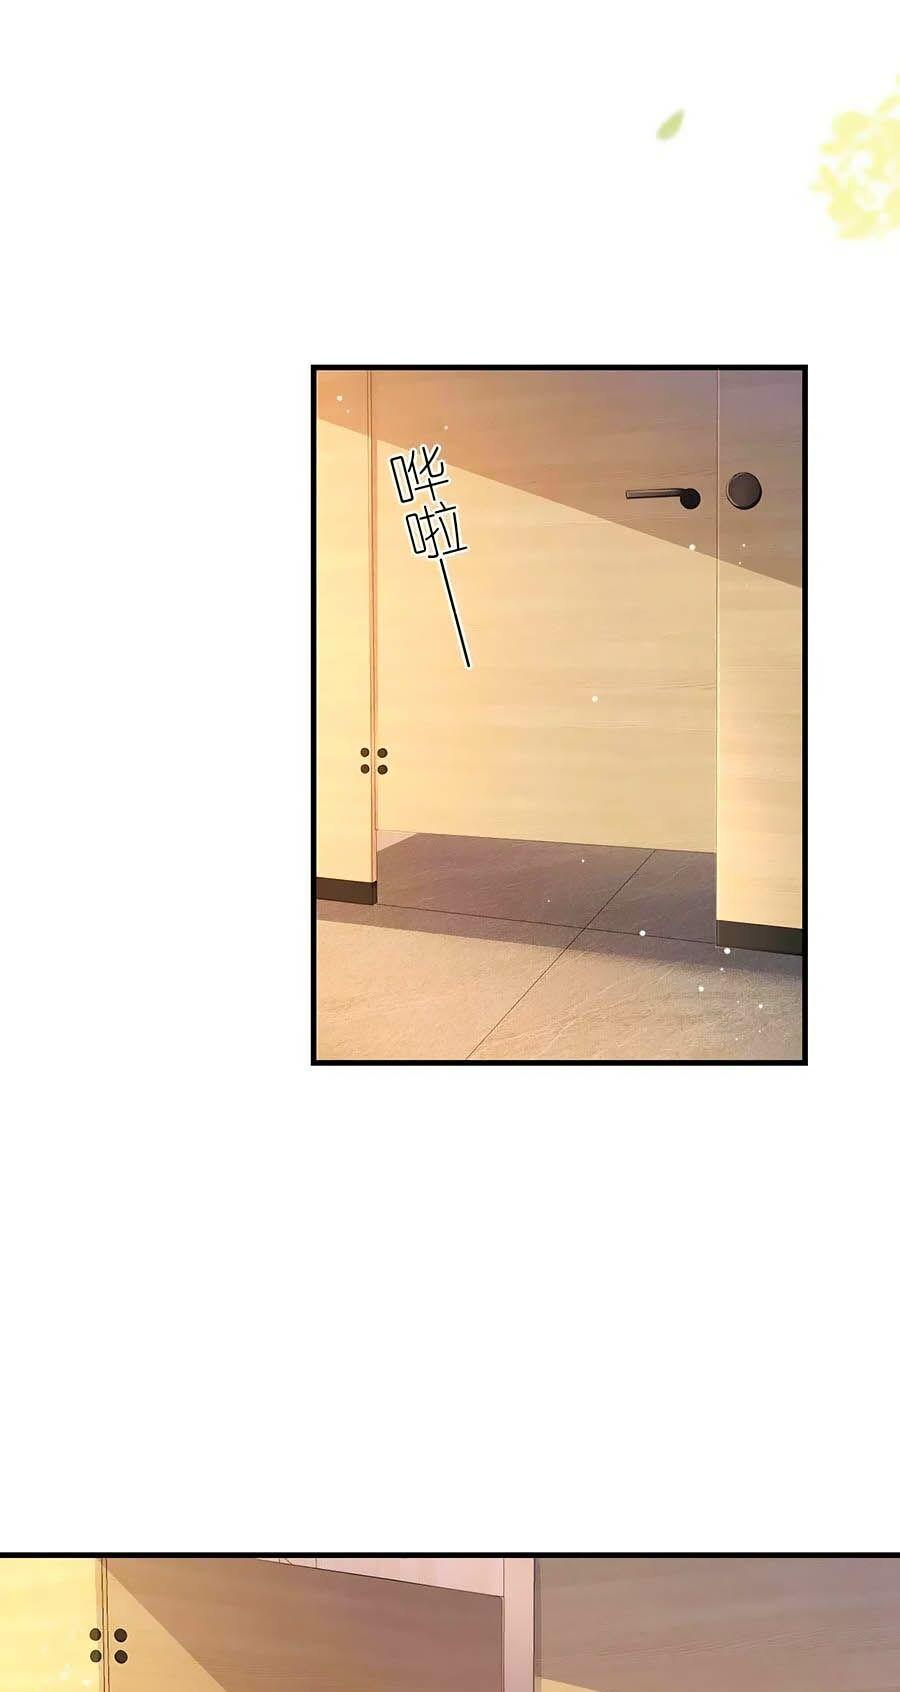 Tiến Độ Chia Tay 99% Chapter 55 - upload bởi truyensieuhay.com